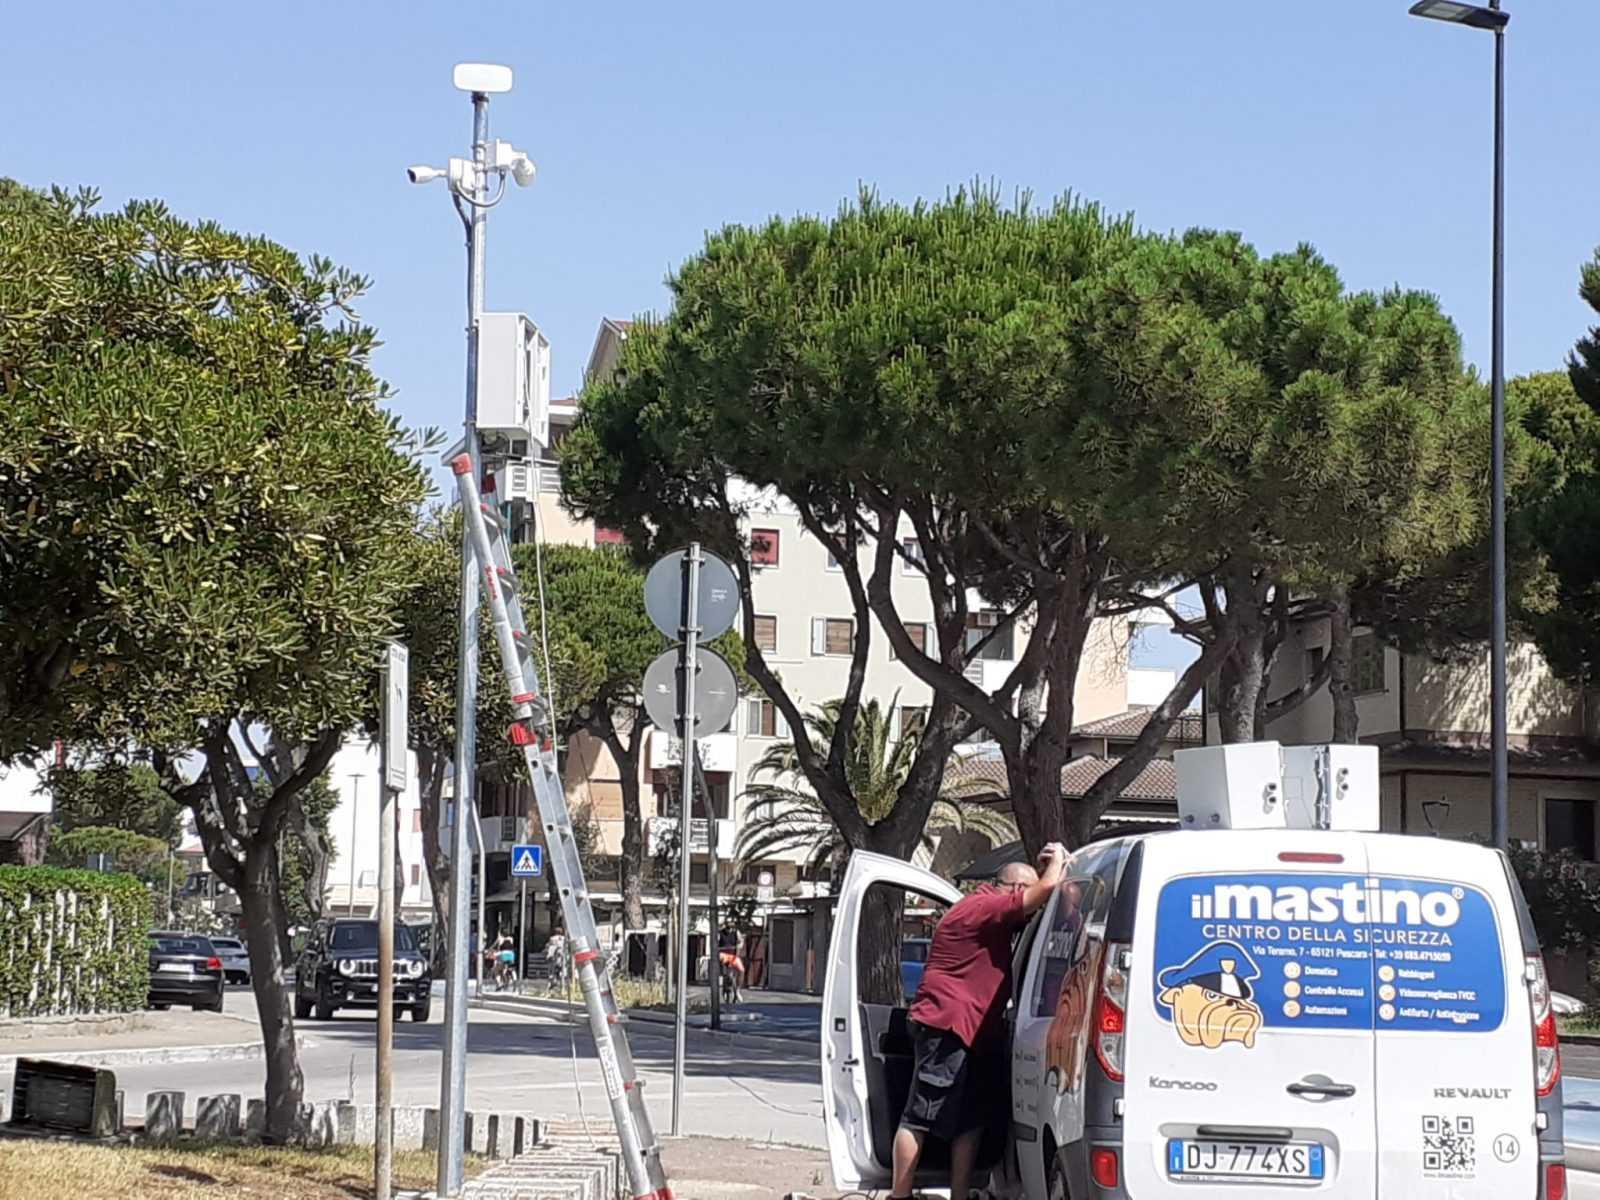 Silvi, attive 11 videocamere su 20. A fine giugno sarà completata intera rete videosorveglianza